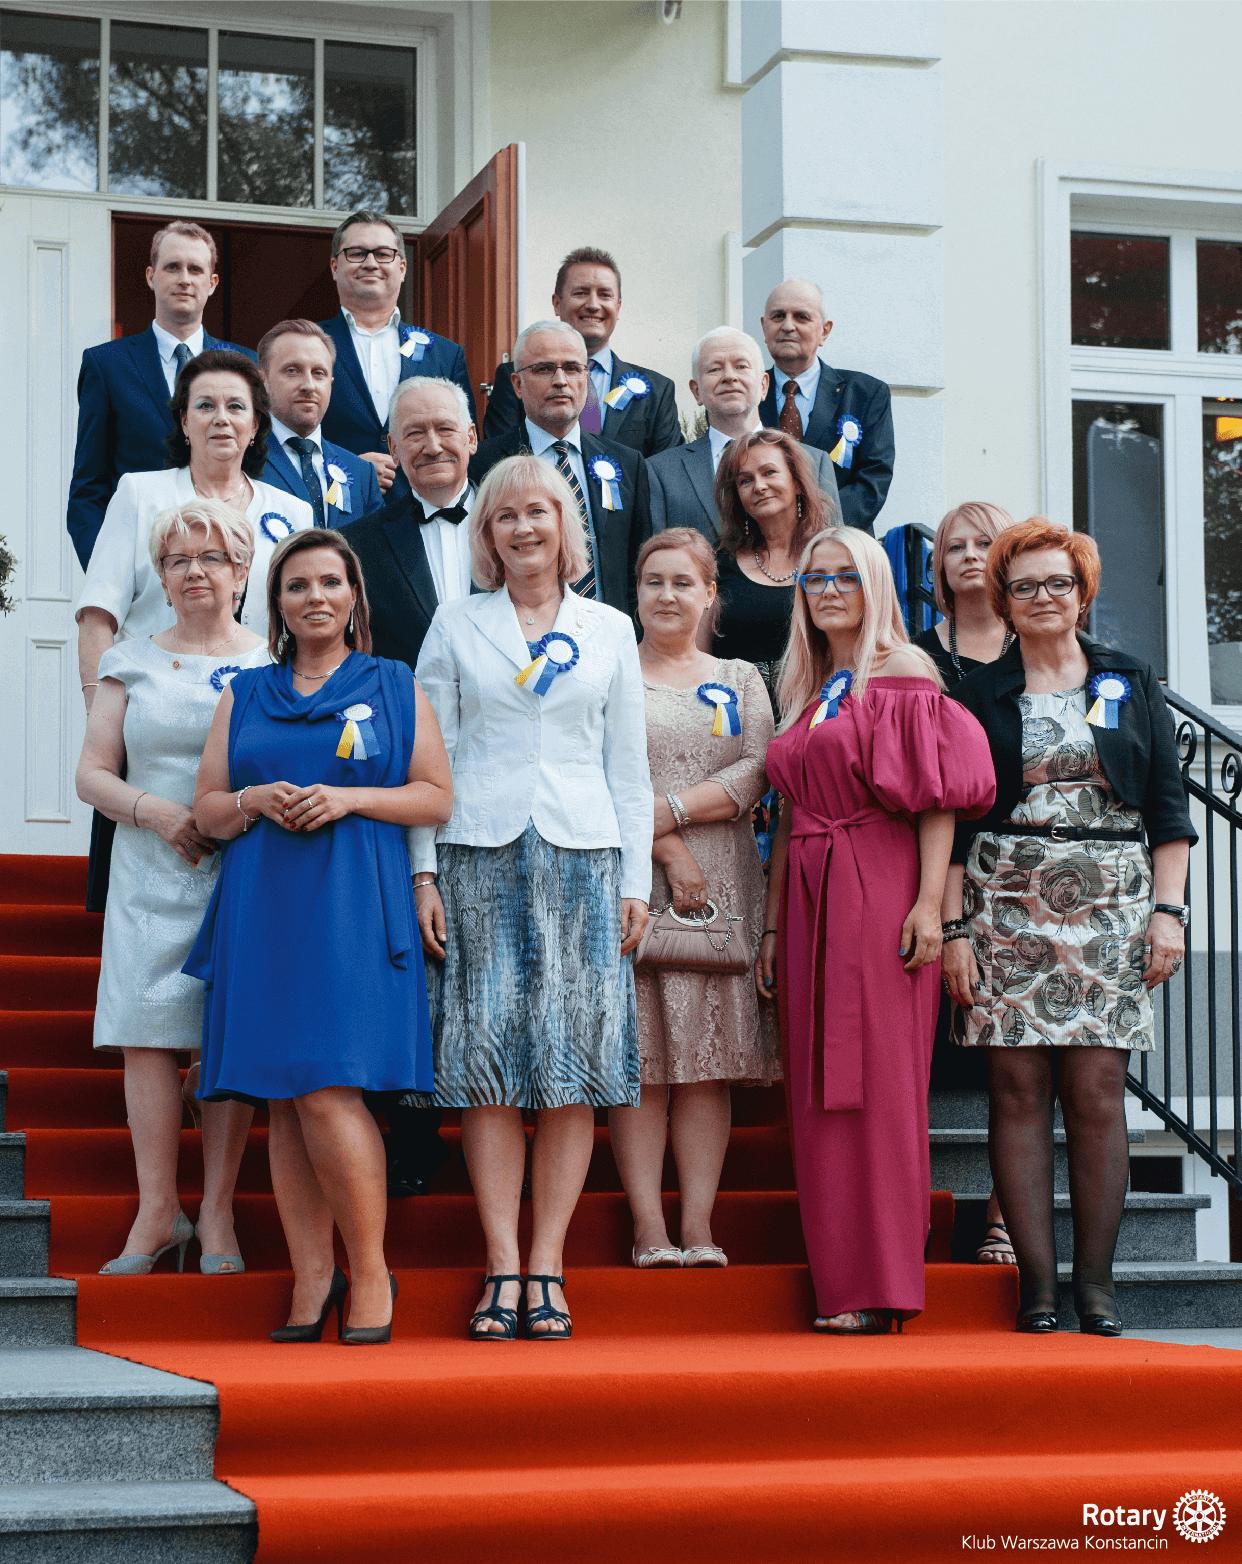 Rotary Klub Warszawa Konstancin członkowie